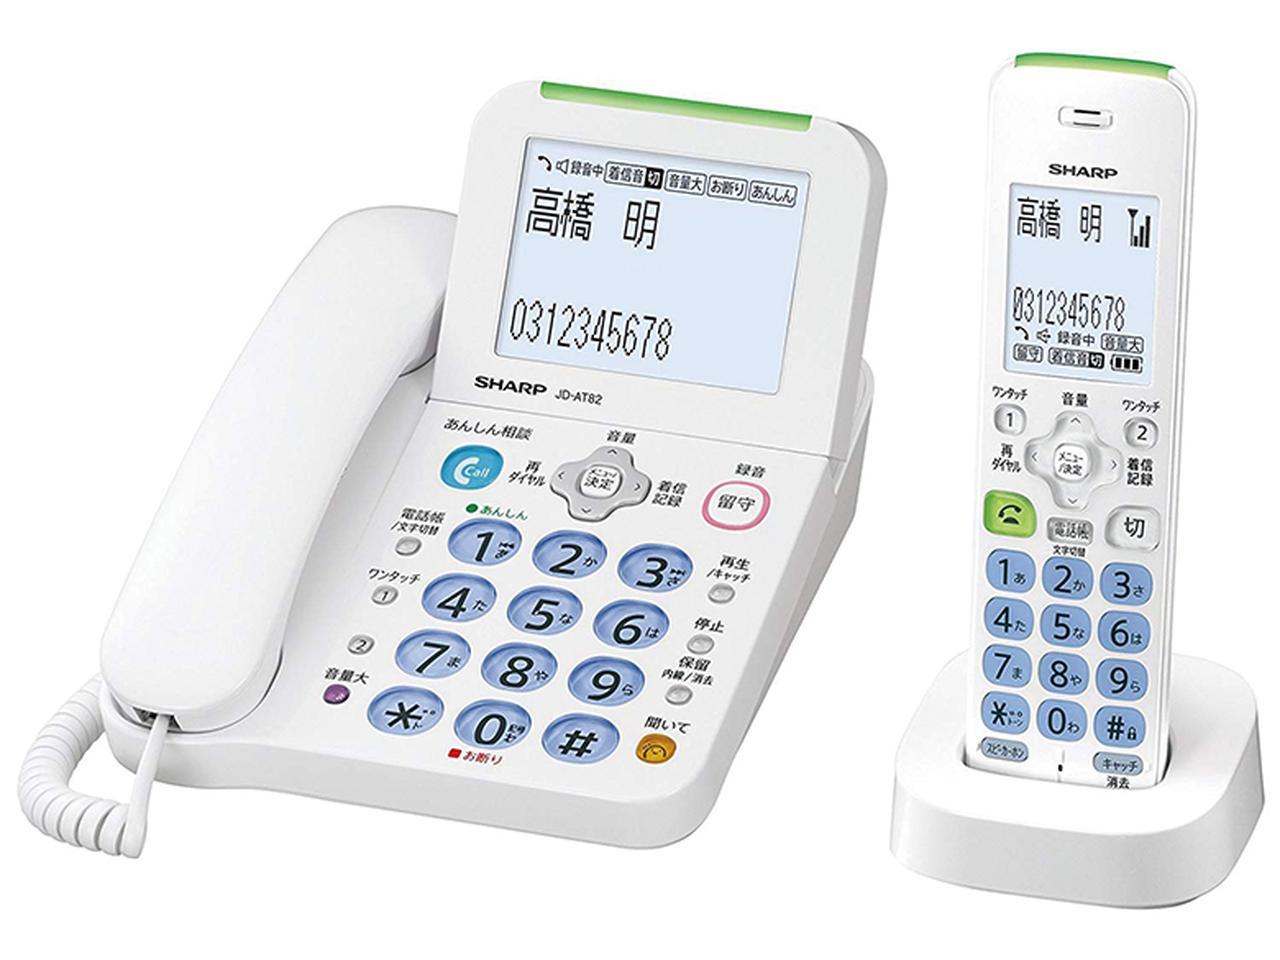 画像2: 【詐欺対策アイテム】固定電話がスマホより危険な理由  アプリや家電もウイルス対策を!